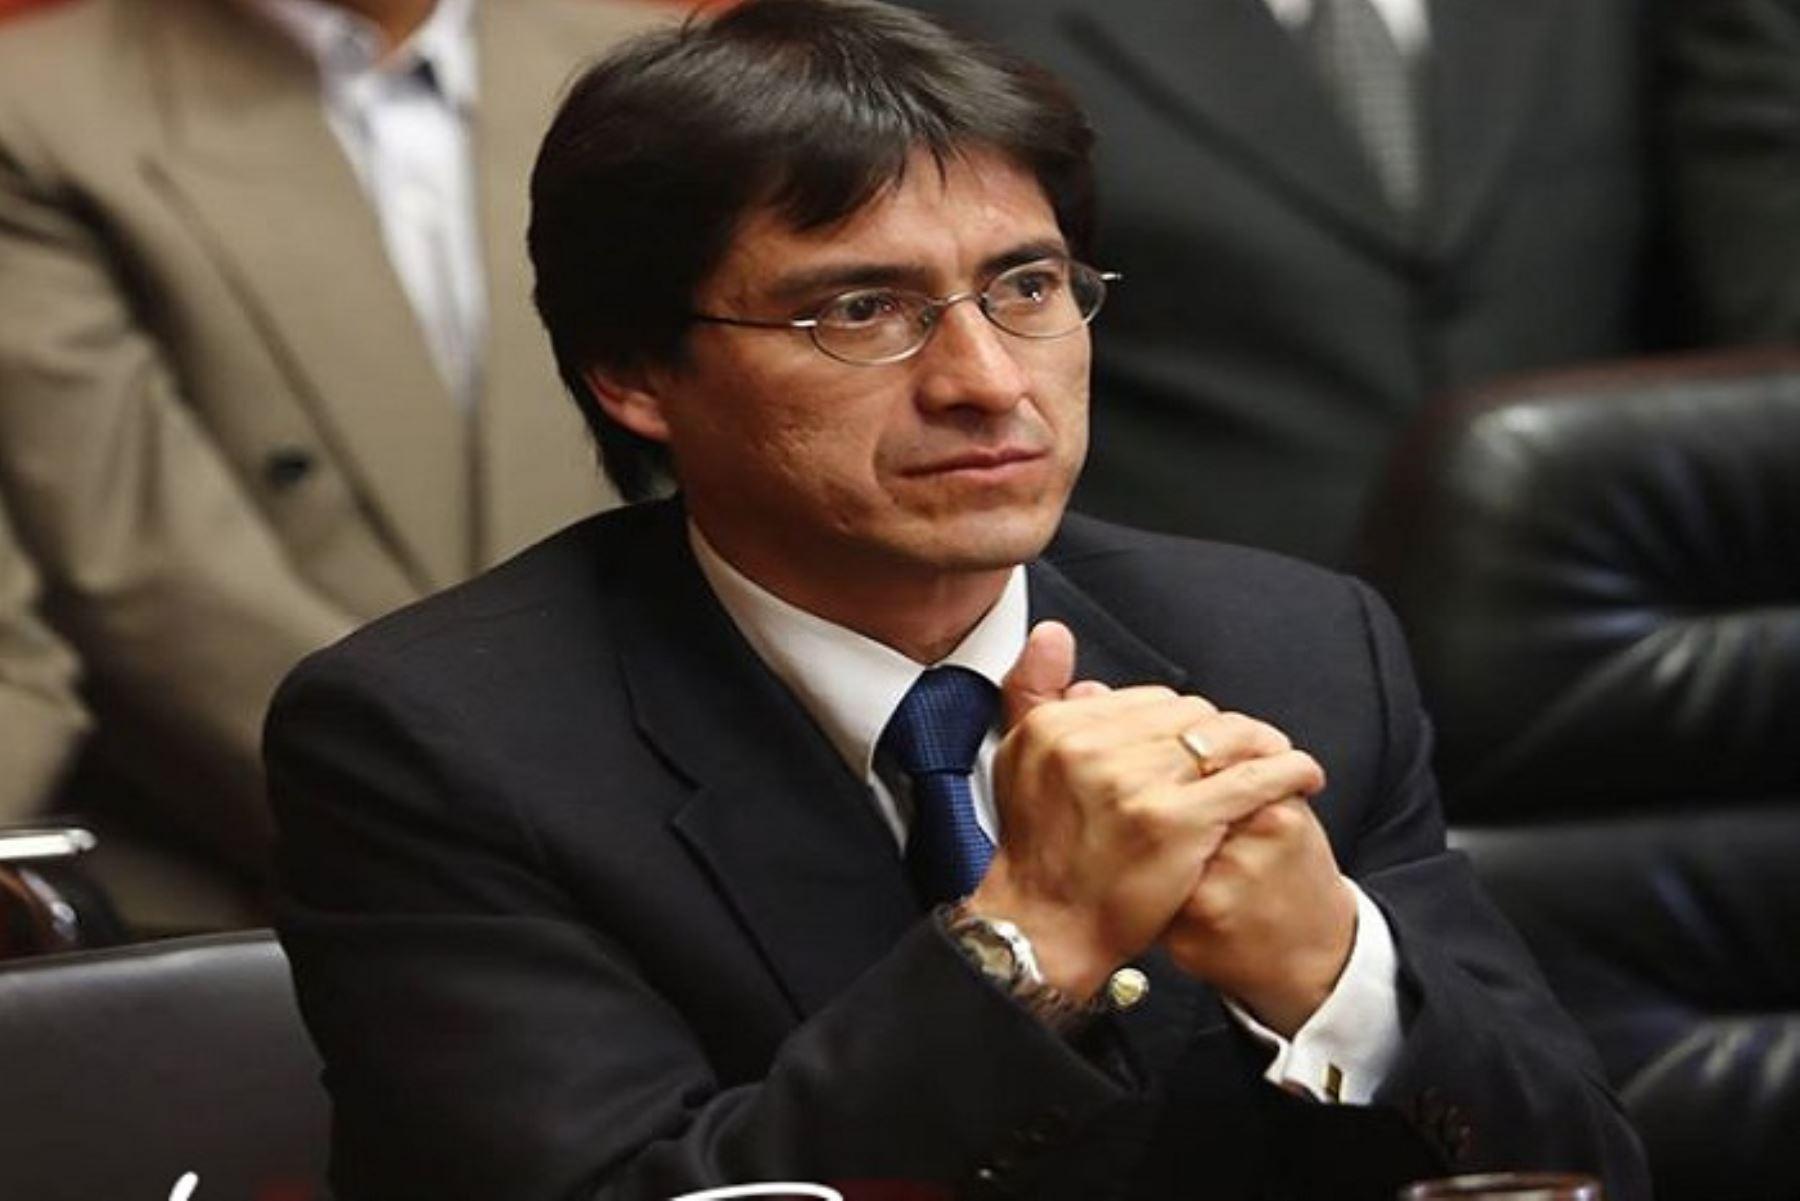 El gobernador regional del Cusco, Paul Benavente, expresó su rechazo a la decisión de remover a los fiscales Rafael Vela y José Domingo Pérez, del Equipo Especial Lava Jato, y dijo que esta situación puede generar una crisis política y social en el país.